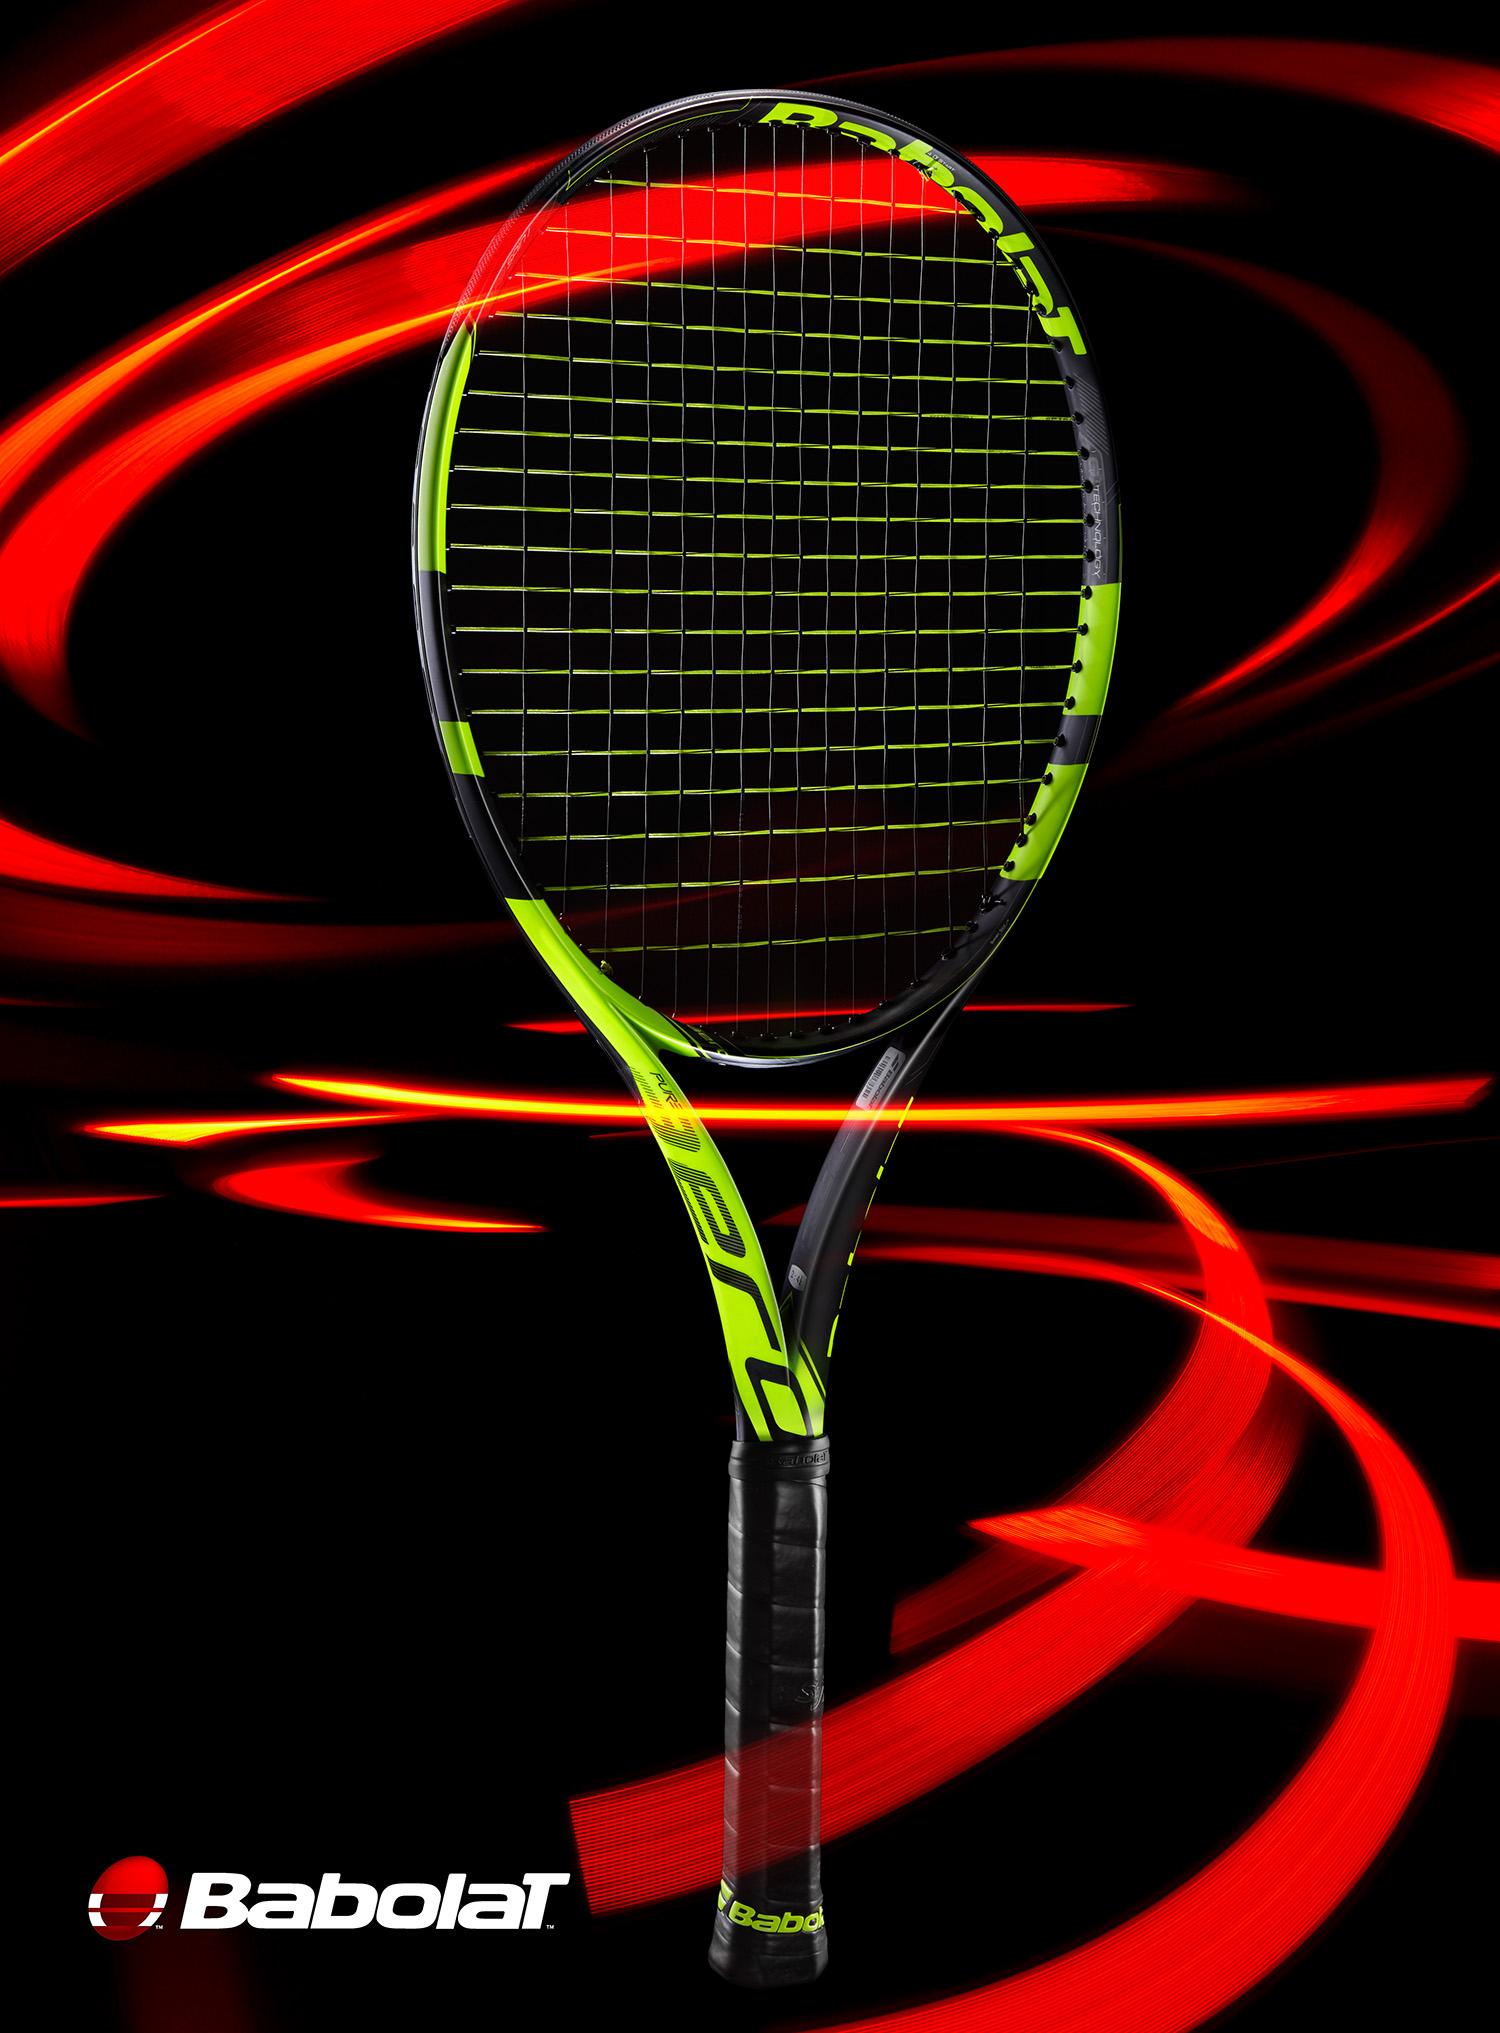 Racket_v2.jpg